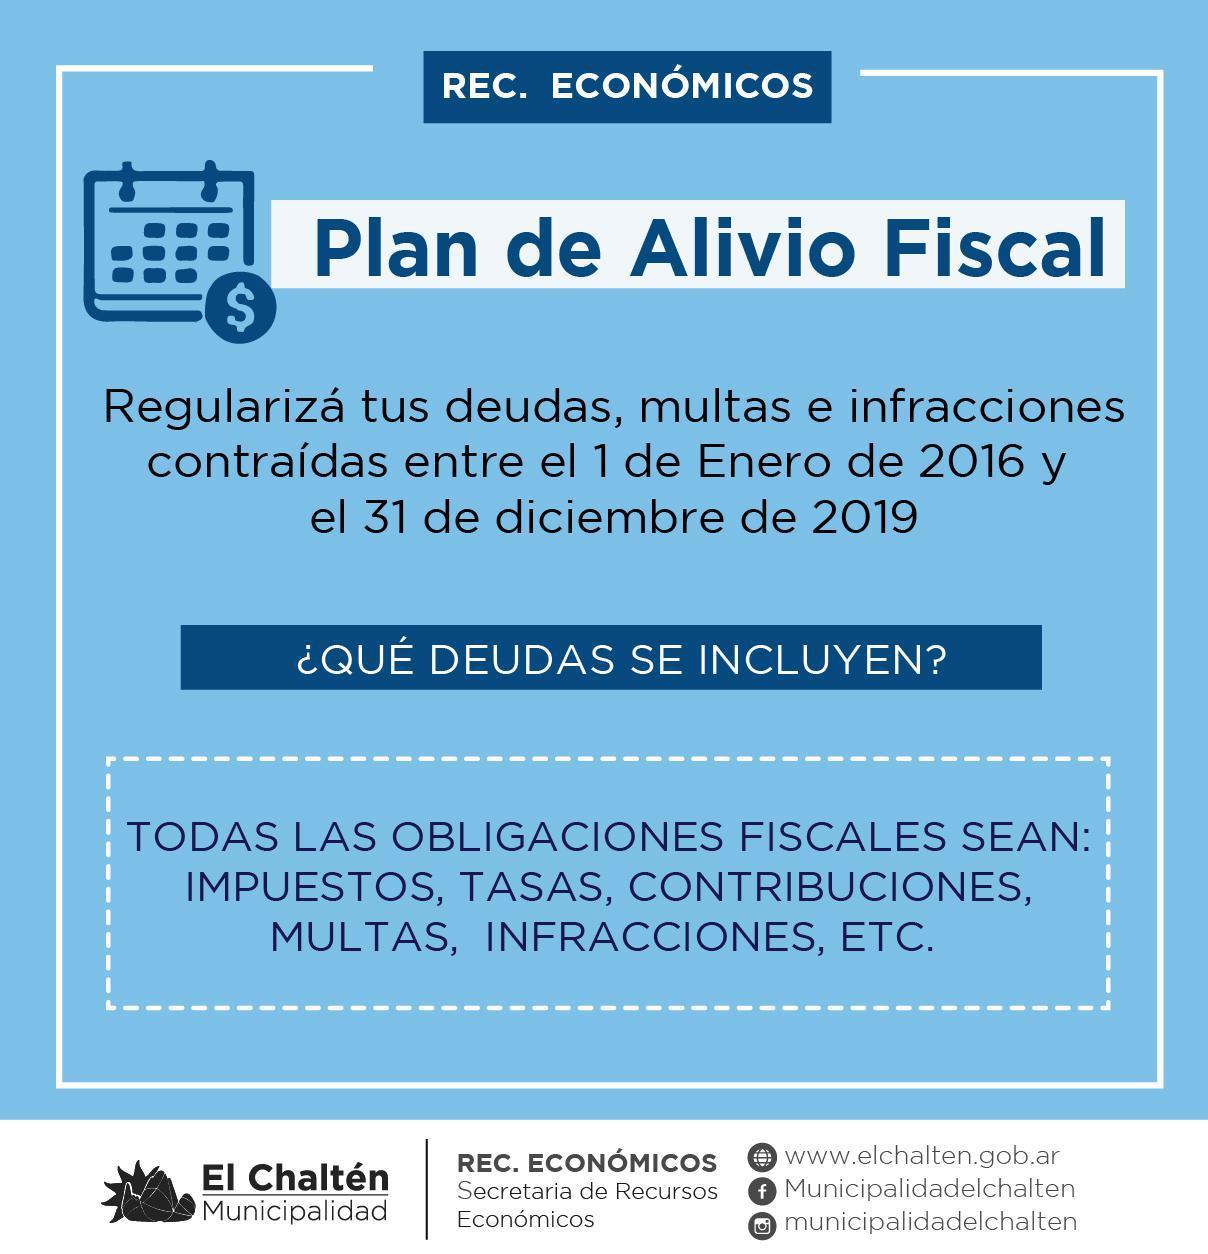 planalivio fiscal-03